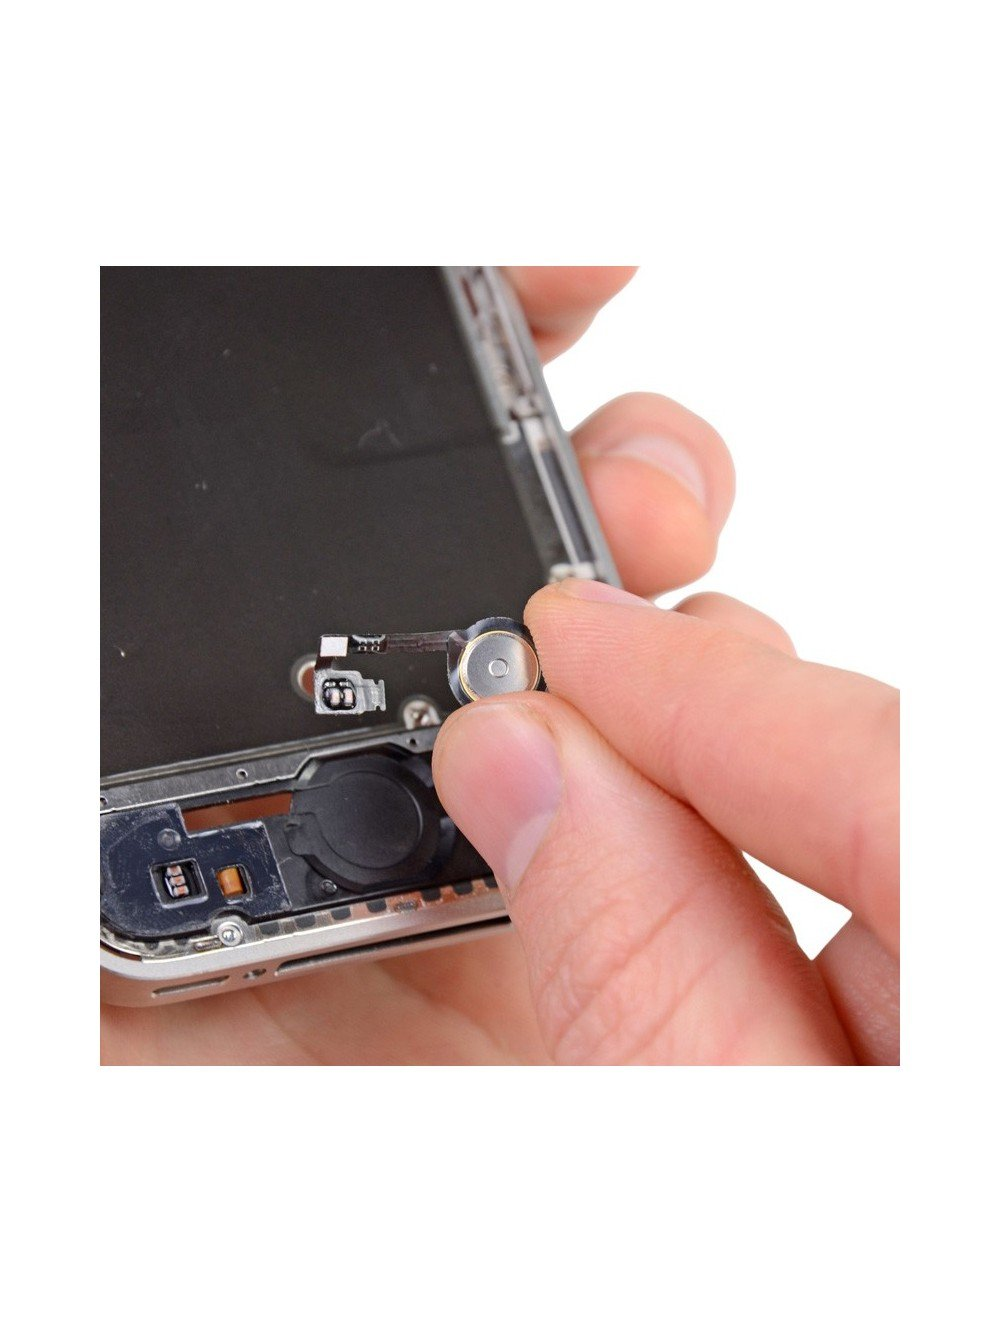 Не работает кнопка на Айфоне: что делать, если перестали